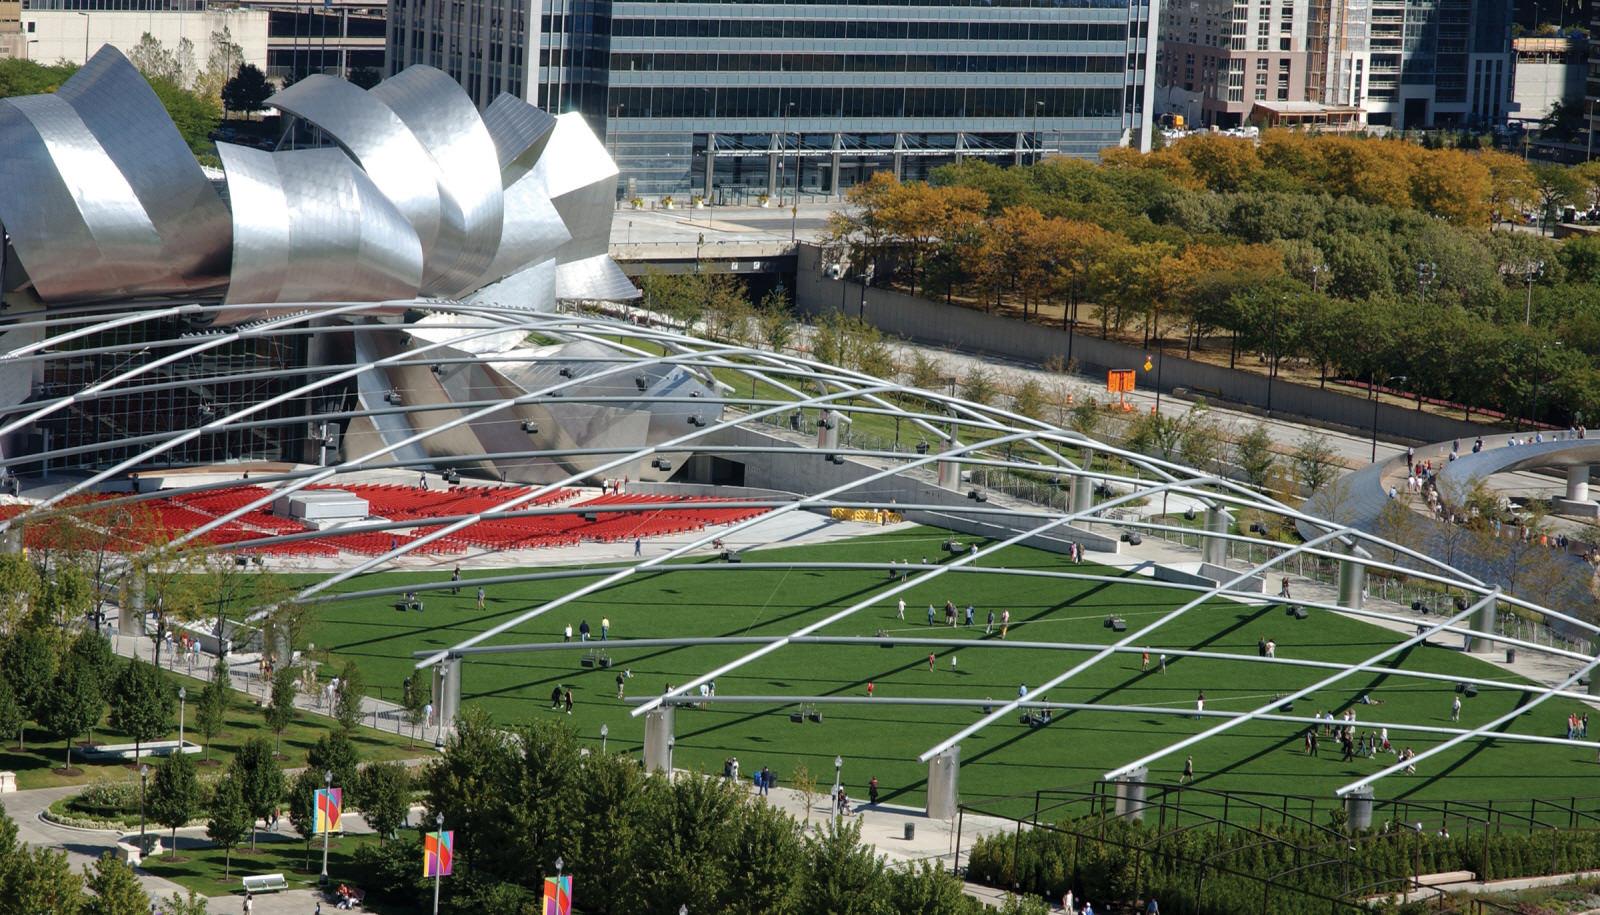 حديقة الميلينيوم بارك شيكاغو